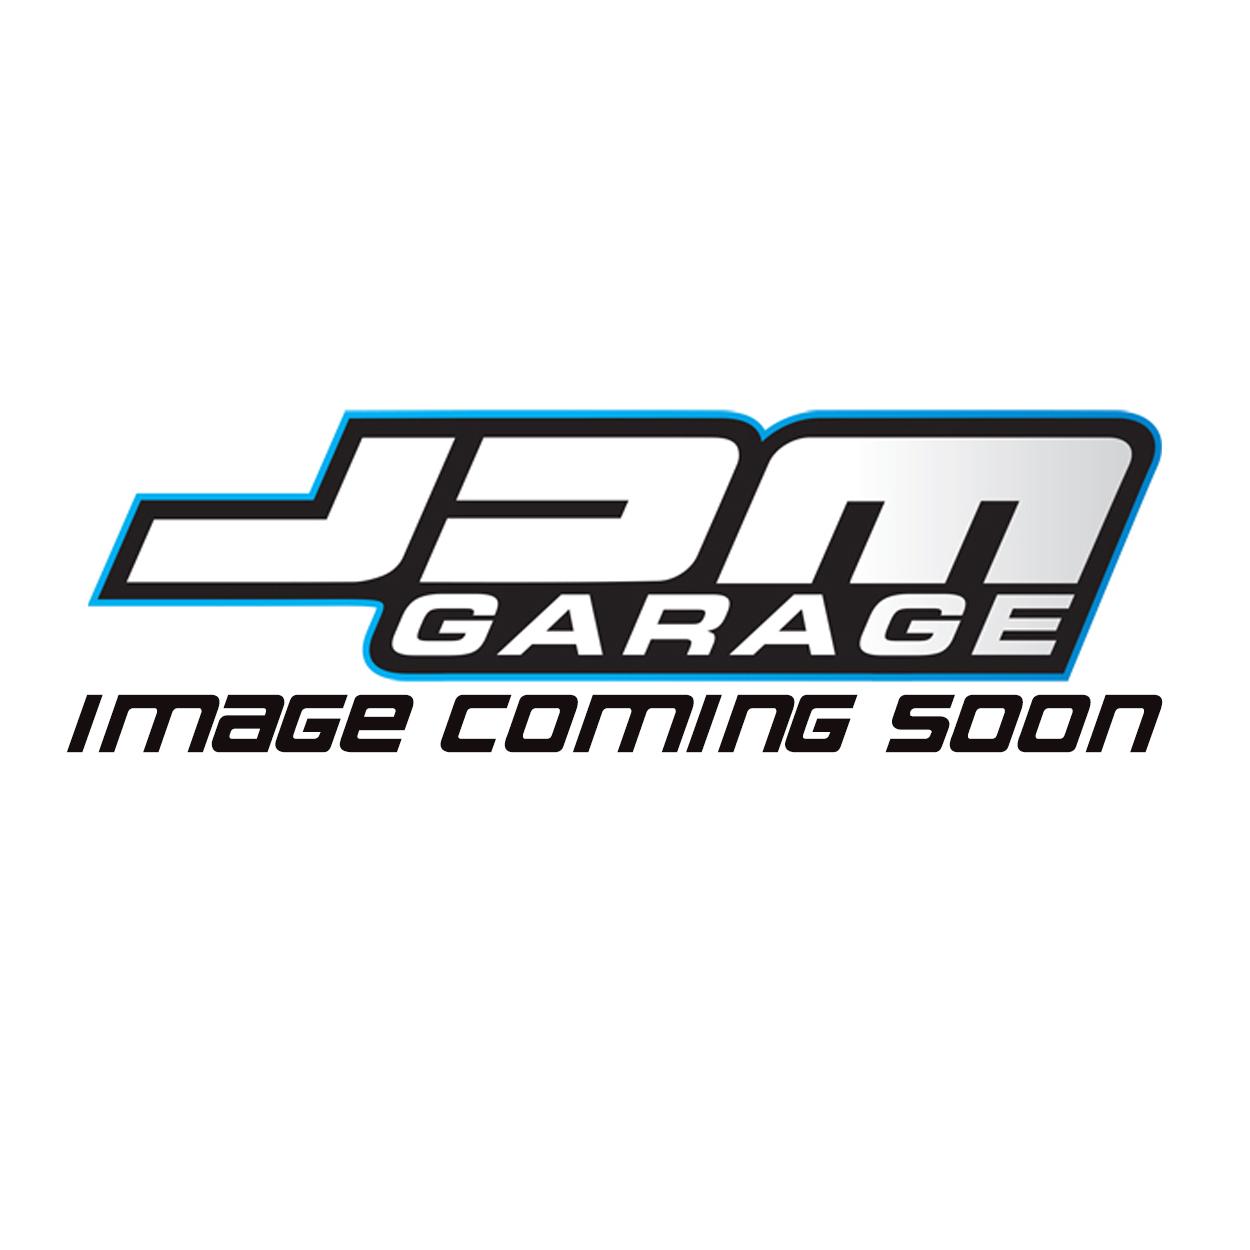 Radium Engineering BMW E46 M3 01-06 S54B32 Fuel Filter Kit w/ Microglass Filter 20-0429-05